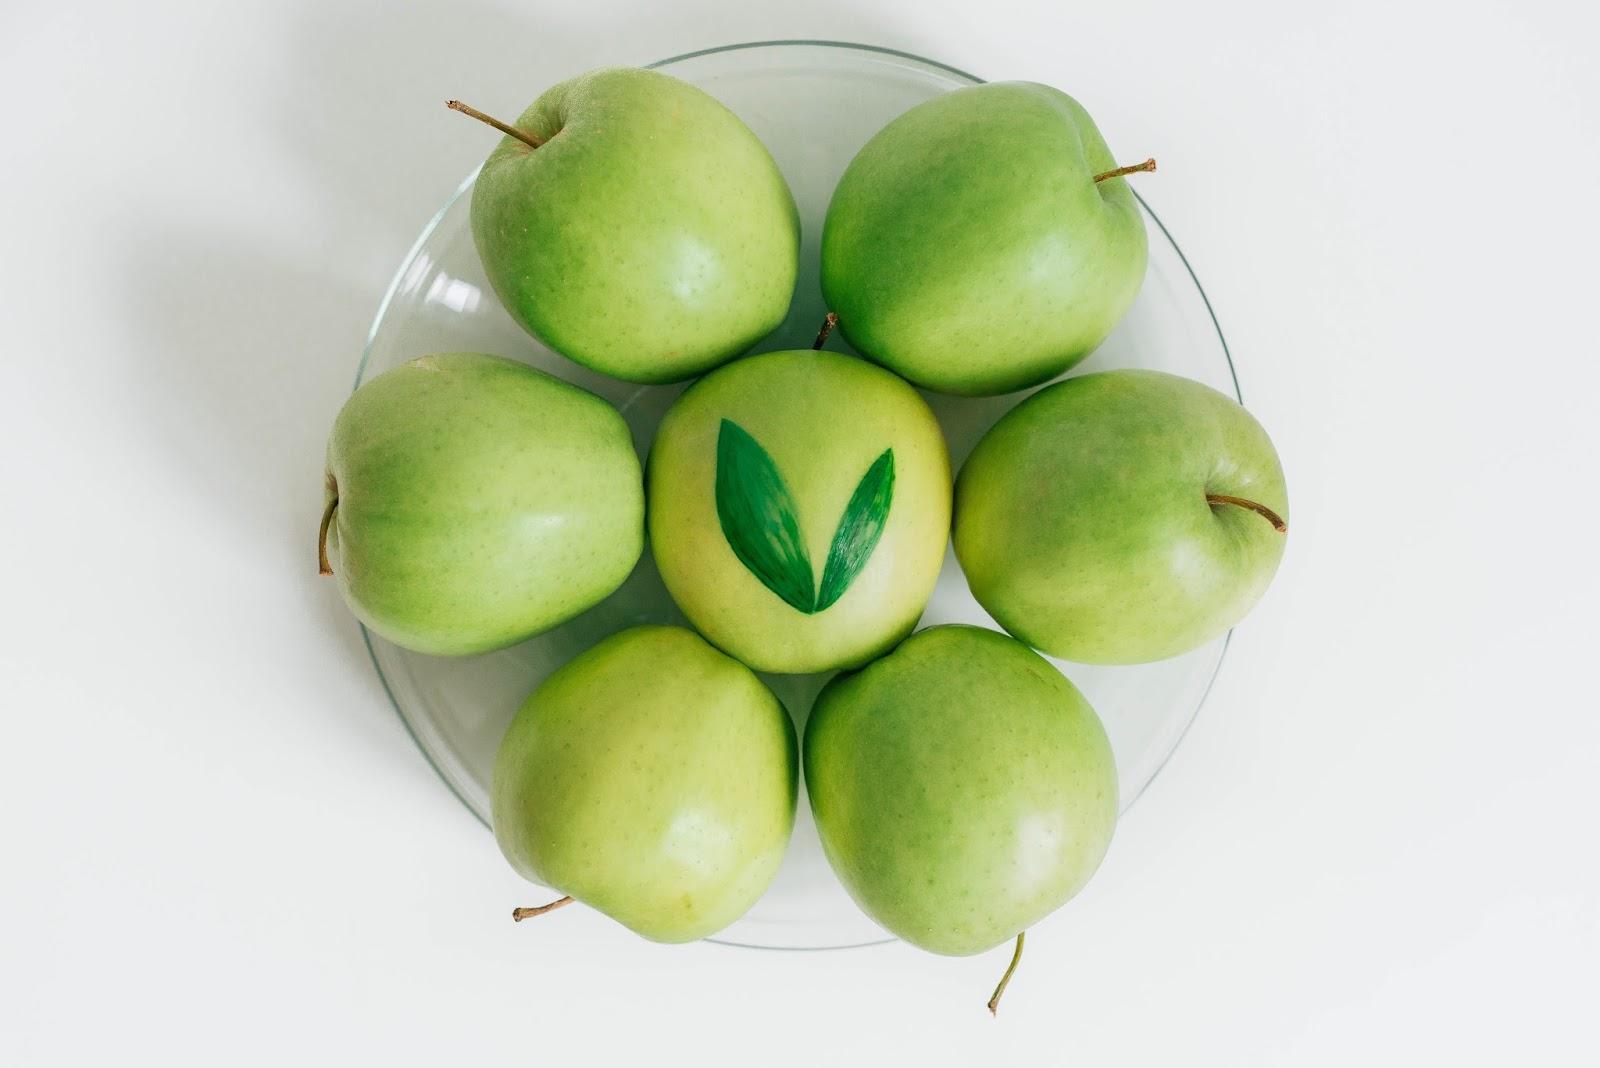 Rutin Makan 5 Buah Ini Biar Gigi Lebih Putih Alami Gatsuone Blog